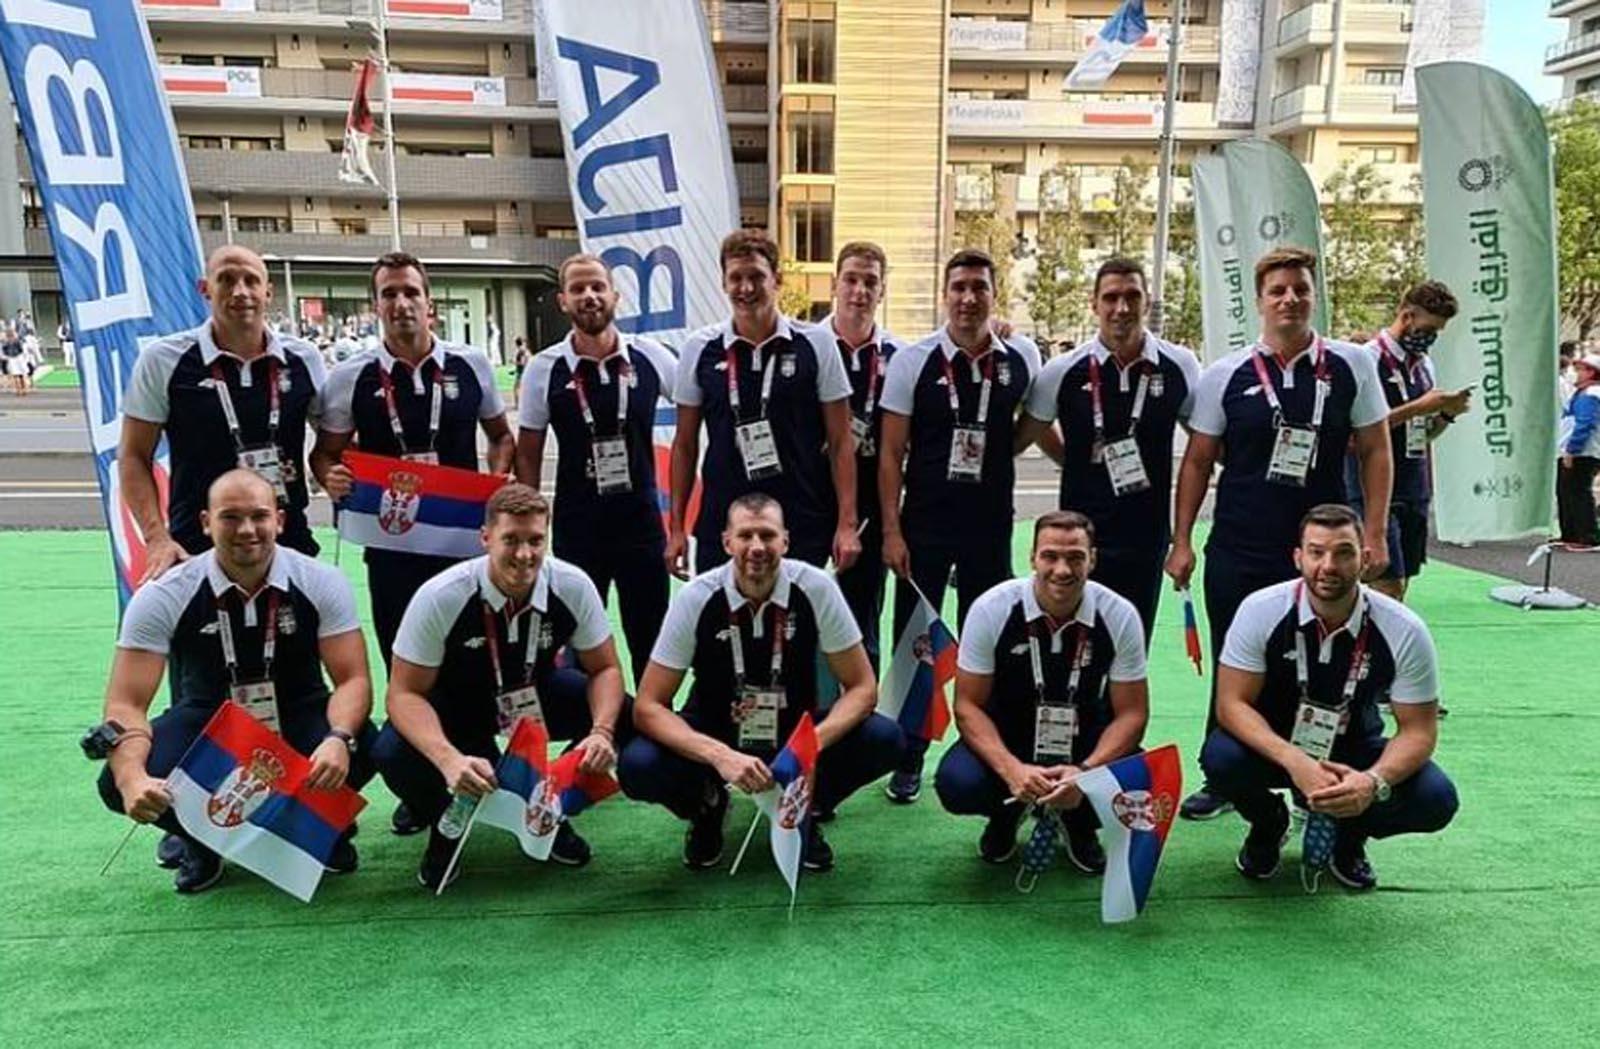 Deveta i zlatna: Vaterpolisti odbranili naslov olimpijskih šampiona!